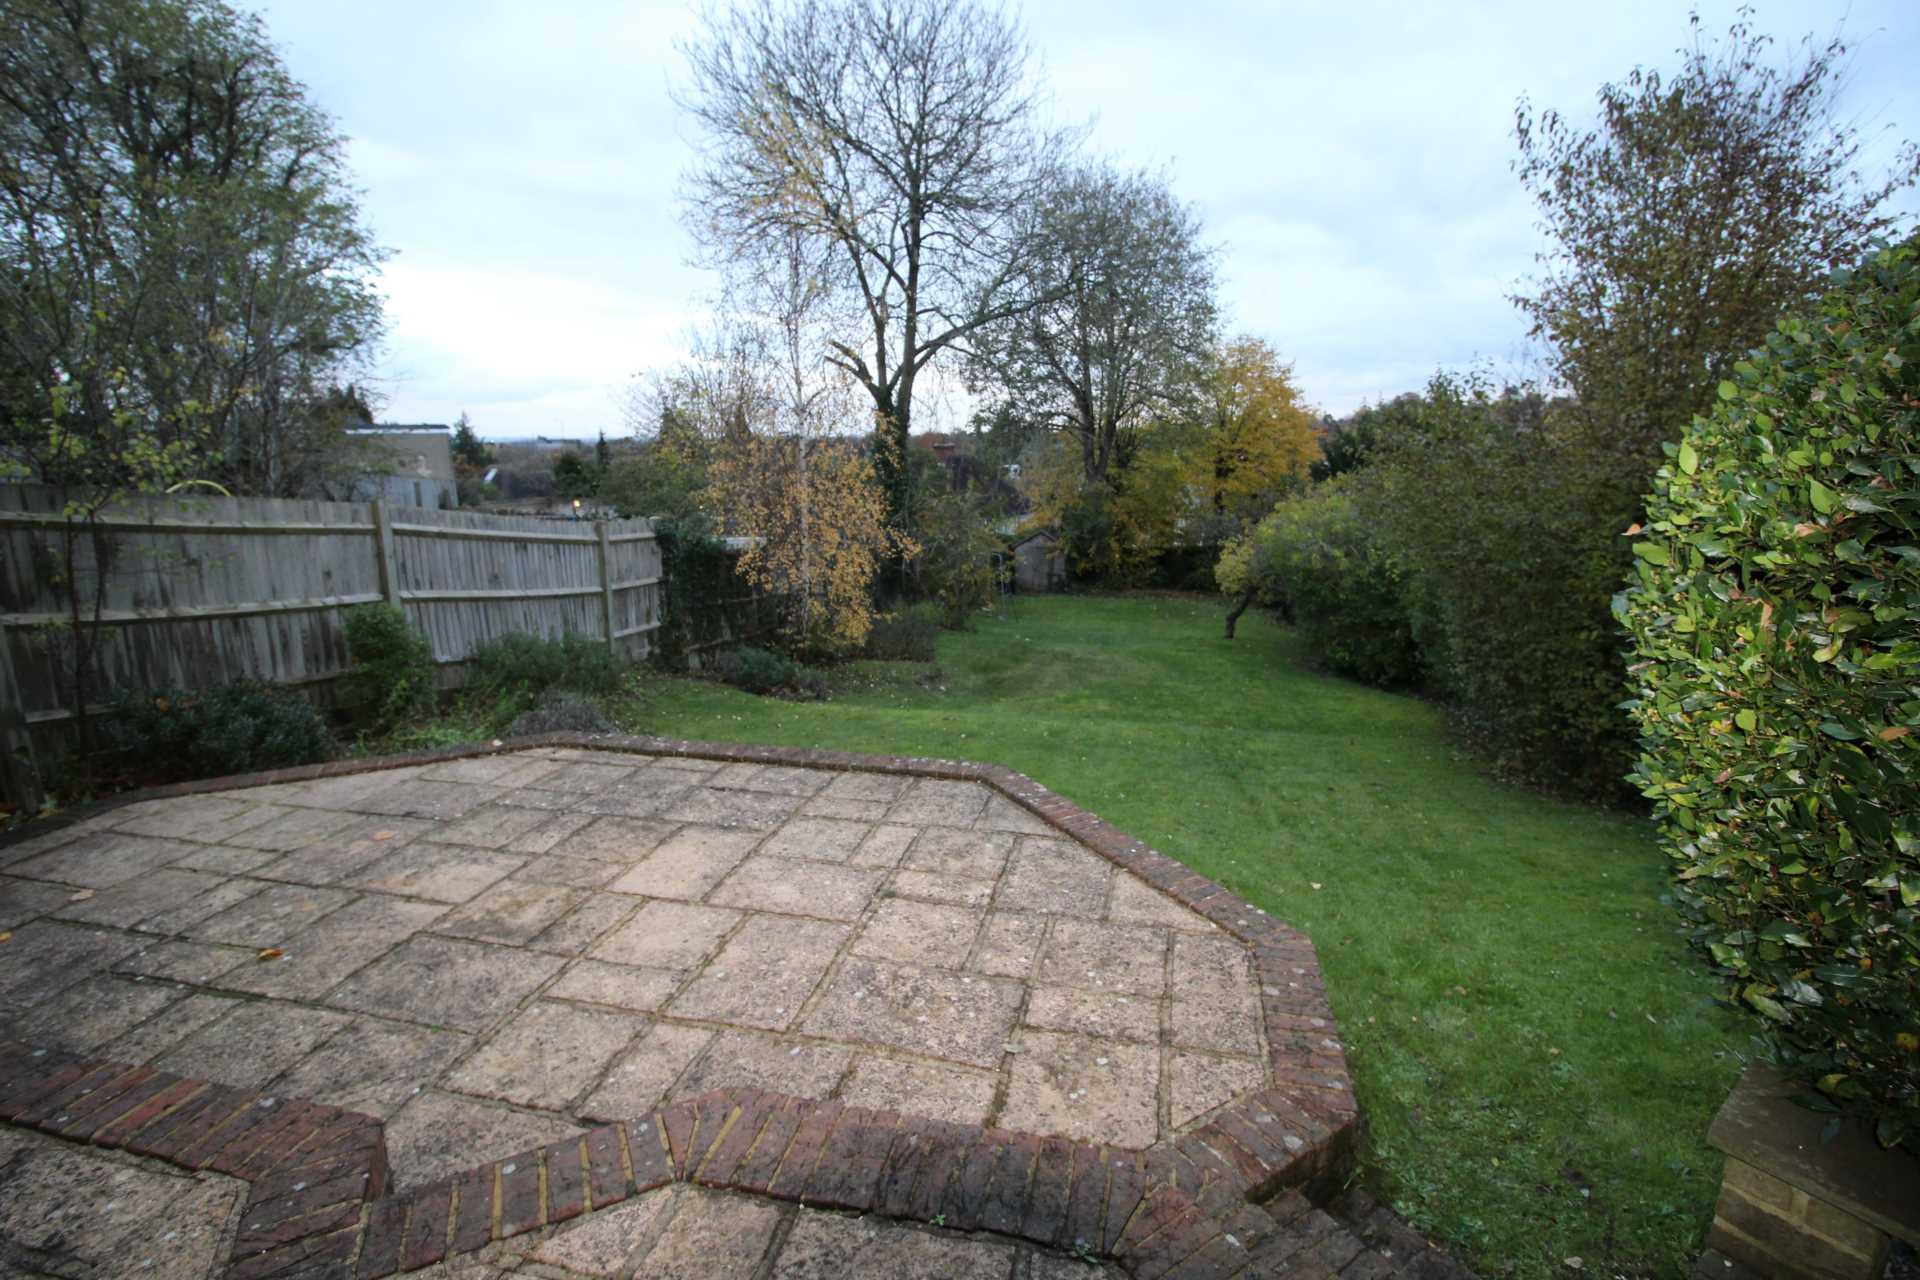 Room 1, Pewley Way, Guildford, GU1 3PX, Image 11